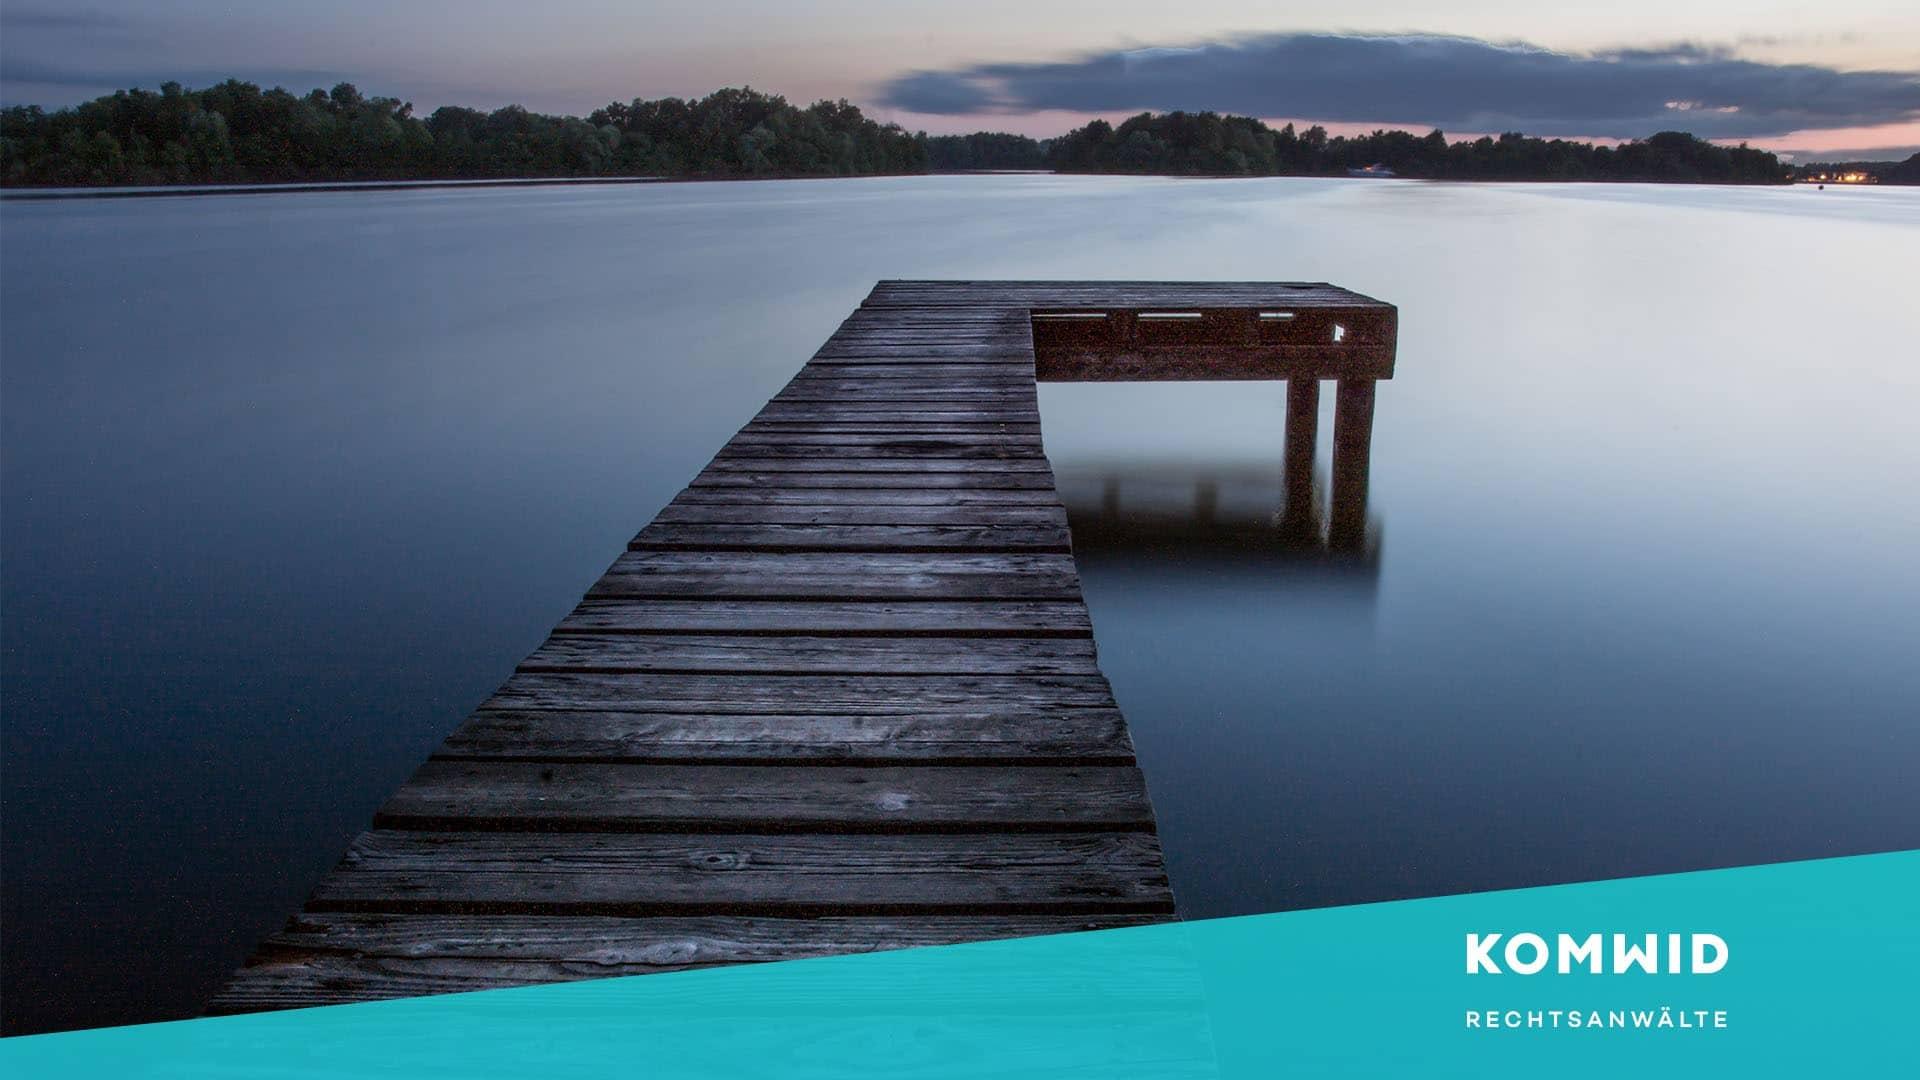 KOMWID Success Story – Keine Mietvertragsauflösung aufgrund genehmigungsfähiger Schwarzbauten